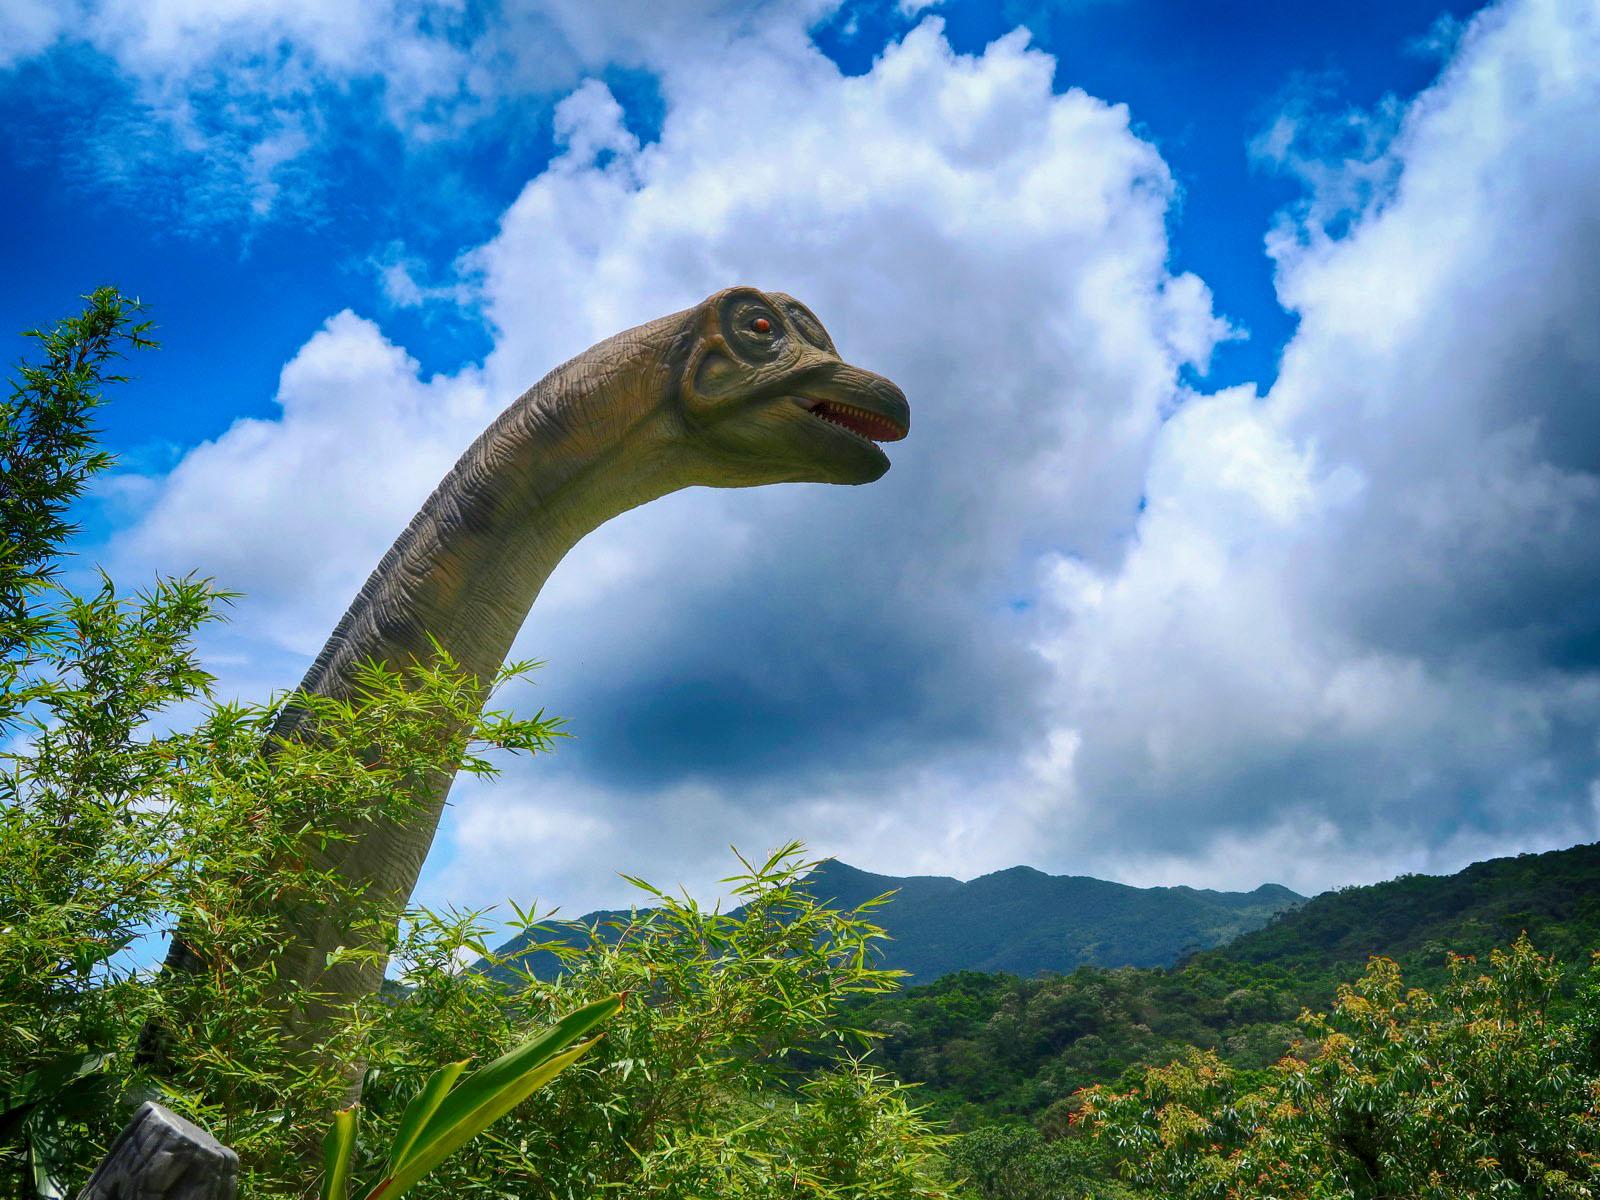 沖縄の亜熱帯林「DINO 恐竜 PARK やんばる亜熱帯の森」に行ってきた。